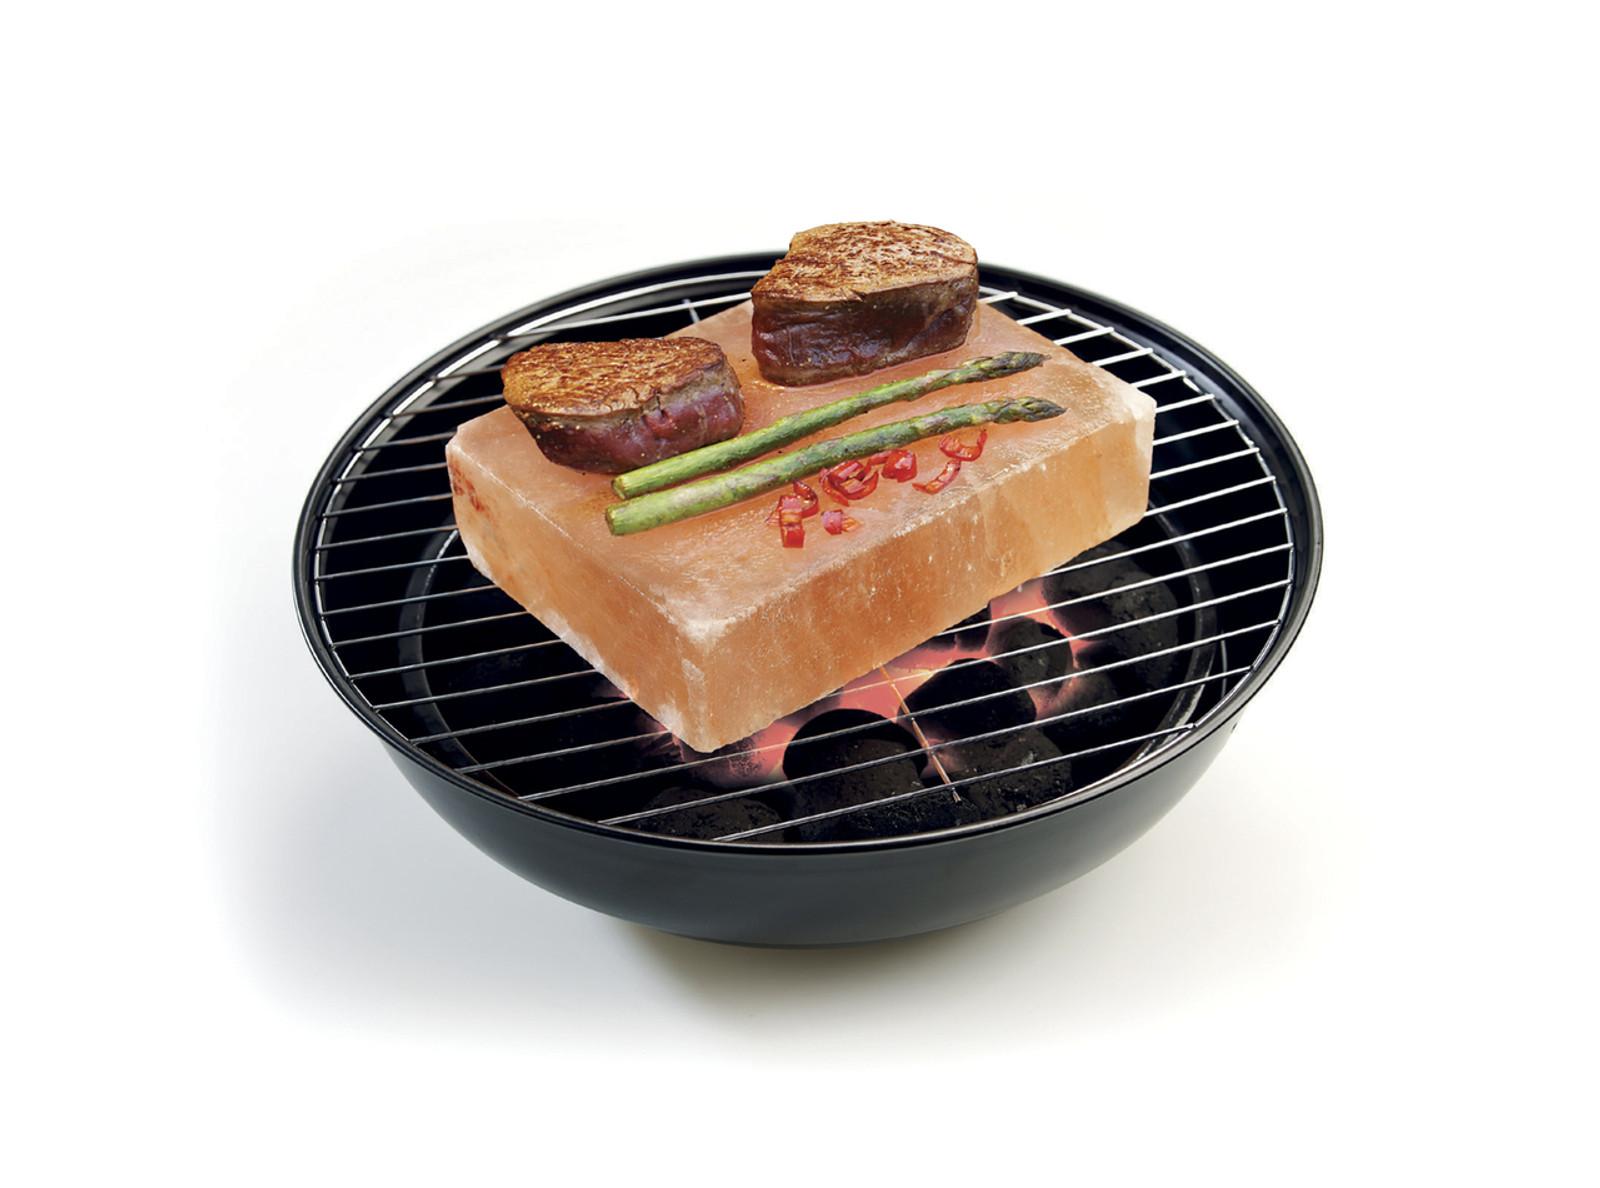 BBQ by Rivsalt